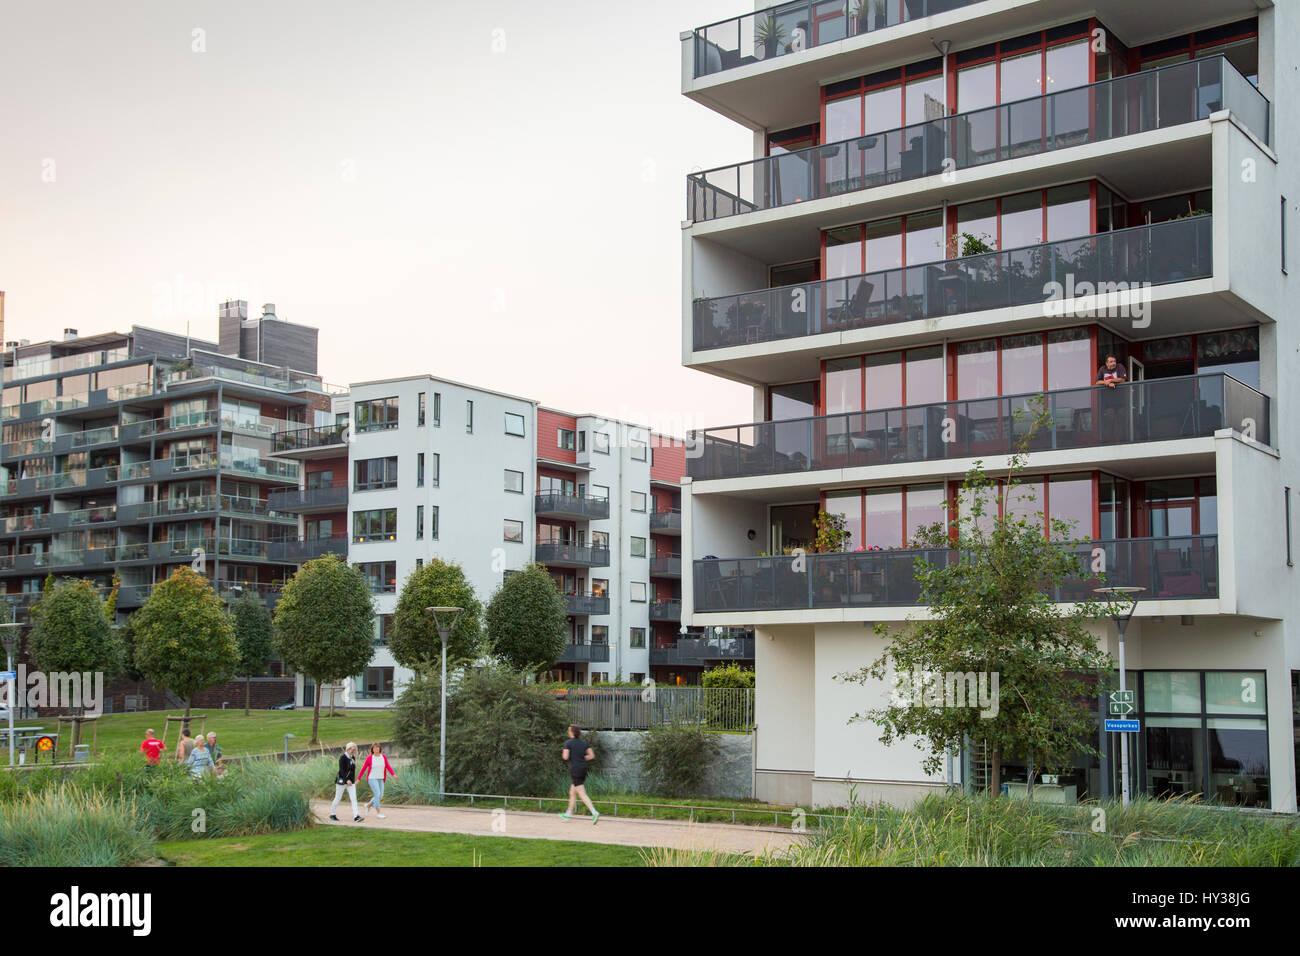 Sweden, Bohuslan, Gothenburg, Hisingen, Eriksberg, Modern blocks of flats in residential area - Stock Image